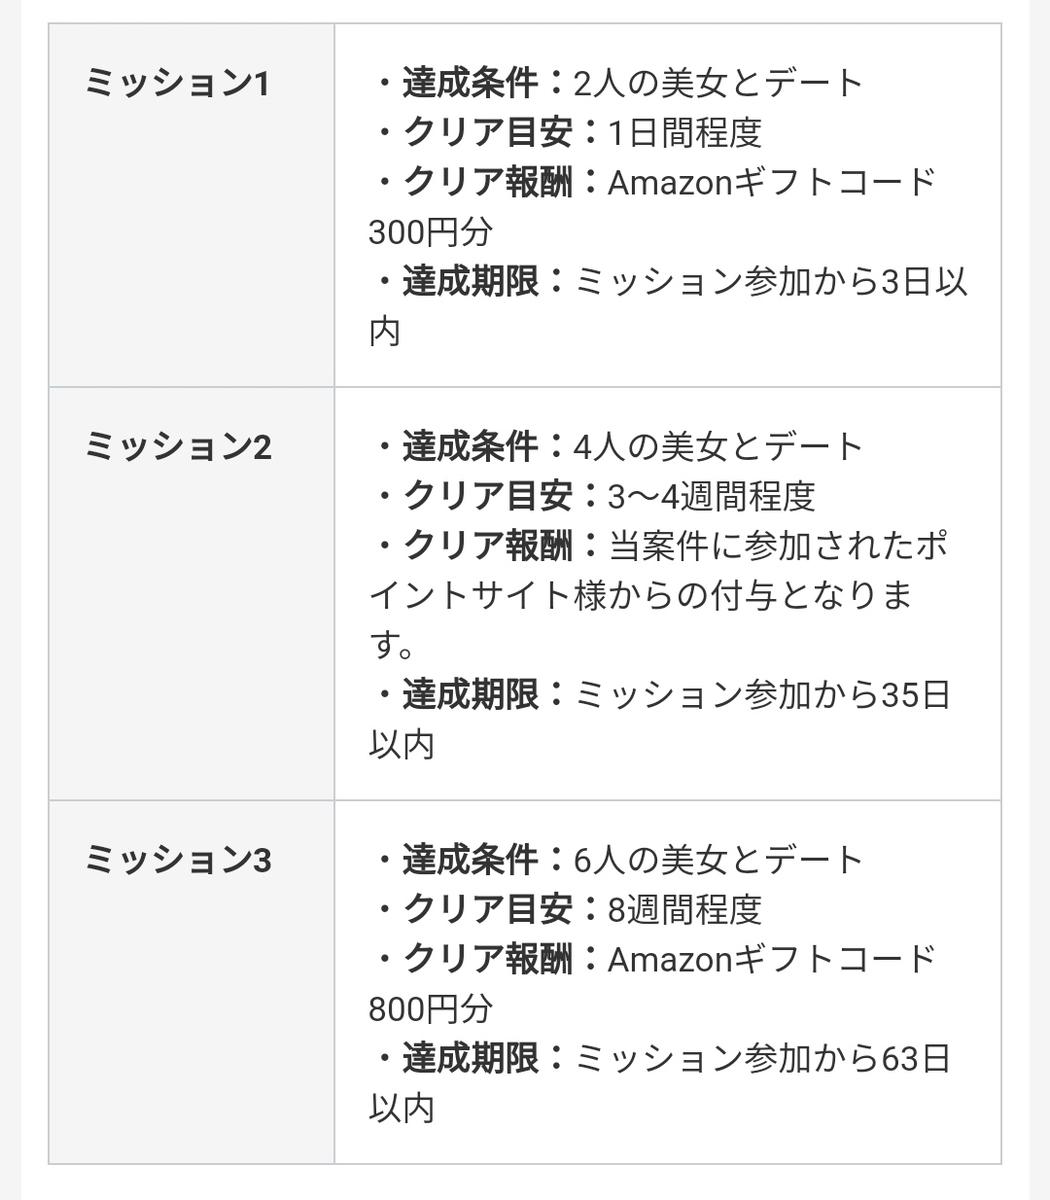 f:id:fukucchimoney:20210418161842j:plain